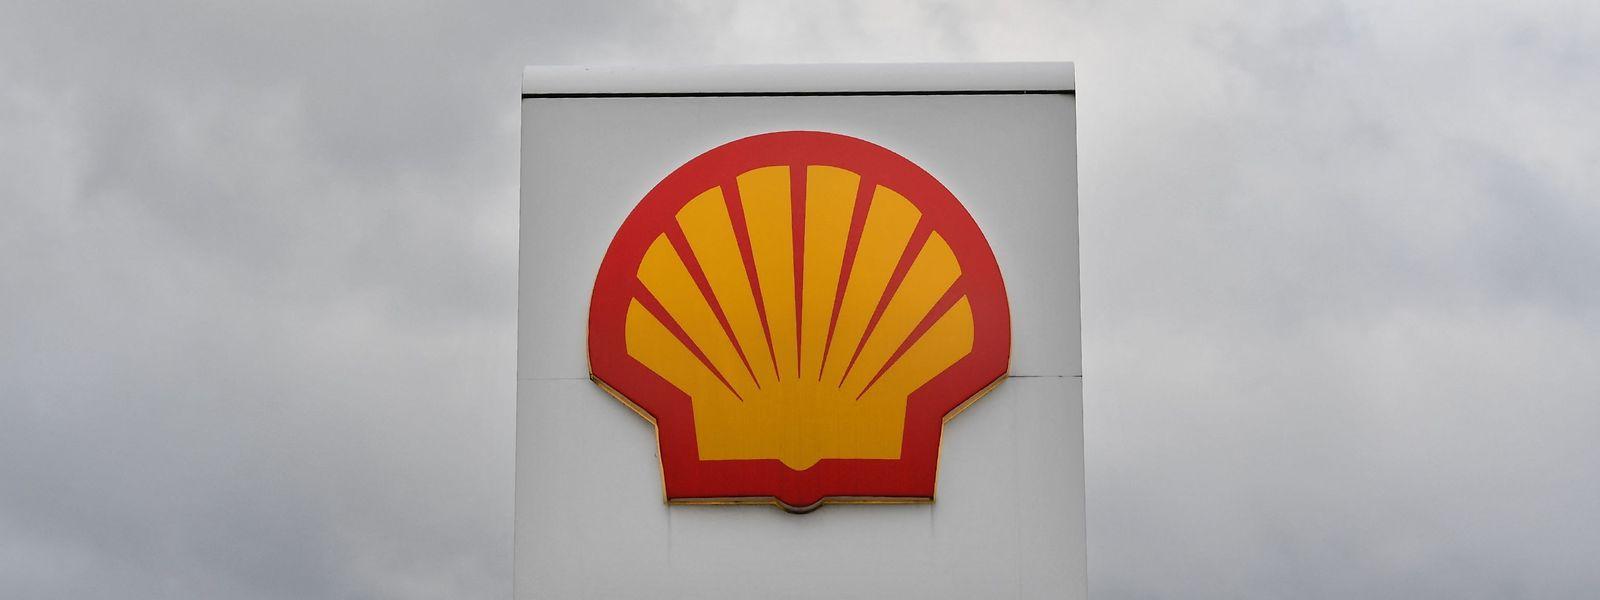 Ein Gericht in Den Haag hatte das Ölunternehmen Shell Ende Mai zu schärferen CO2-Zielen verpflichtet.